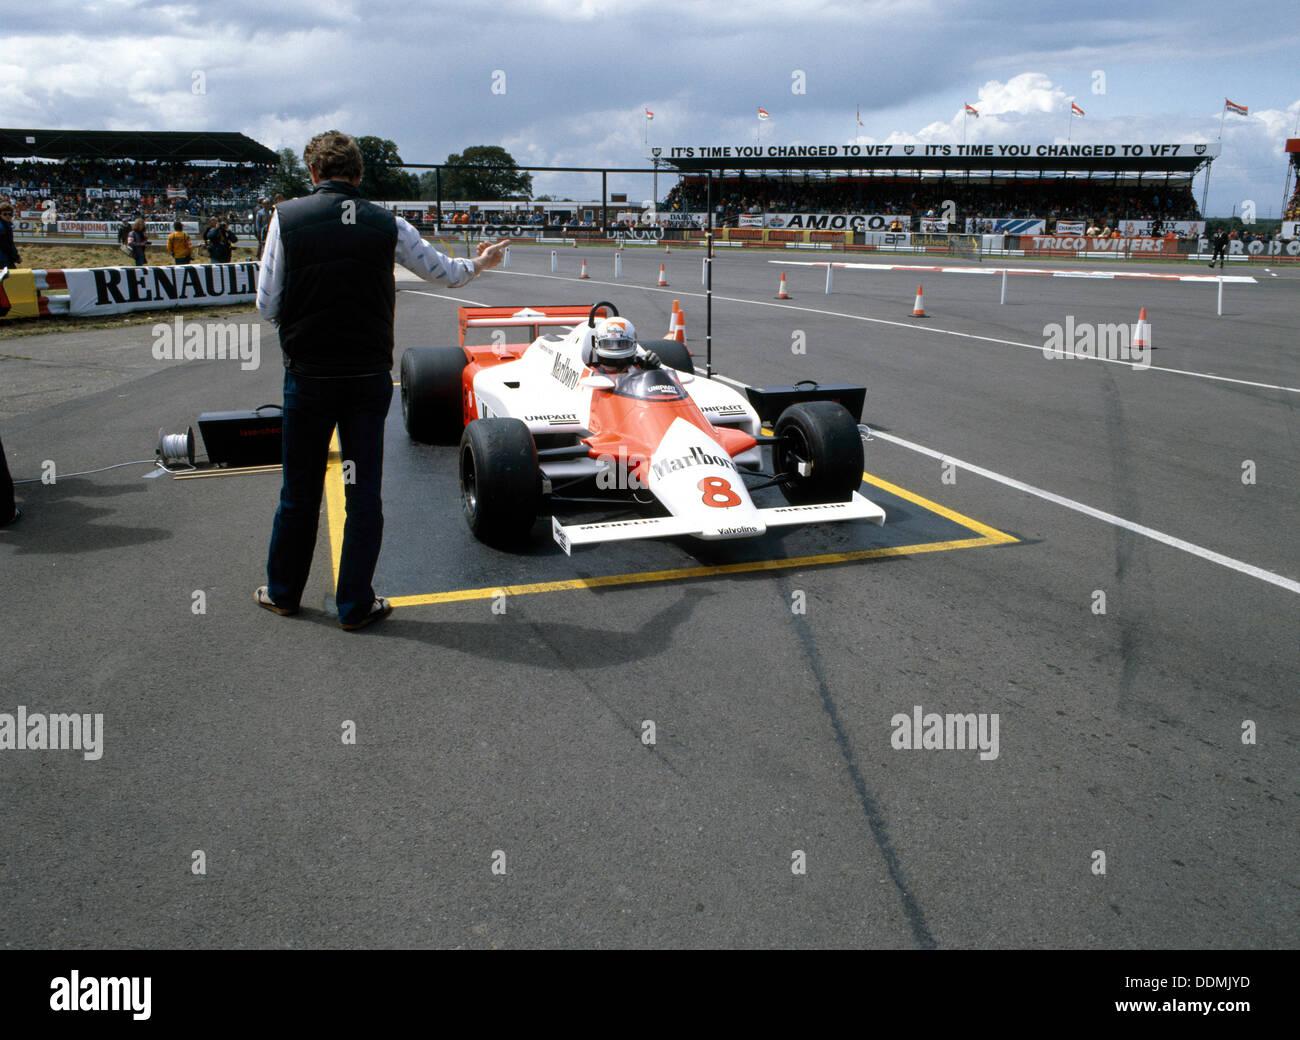 Andrea de Cesaris in a McLaren-Cosworth MP4, British Grand Prix, Silverstone, 1981. - Stock Image